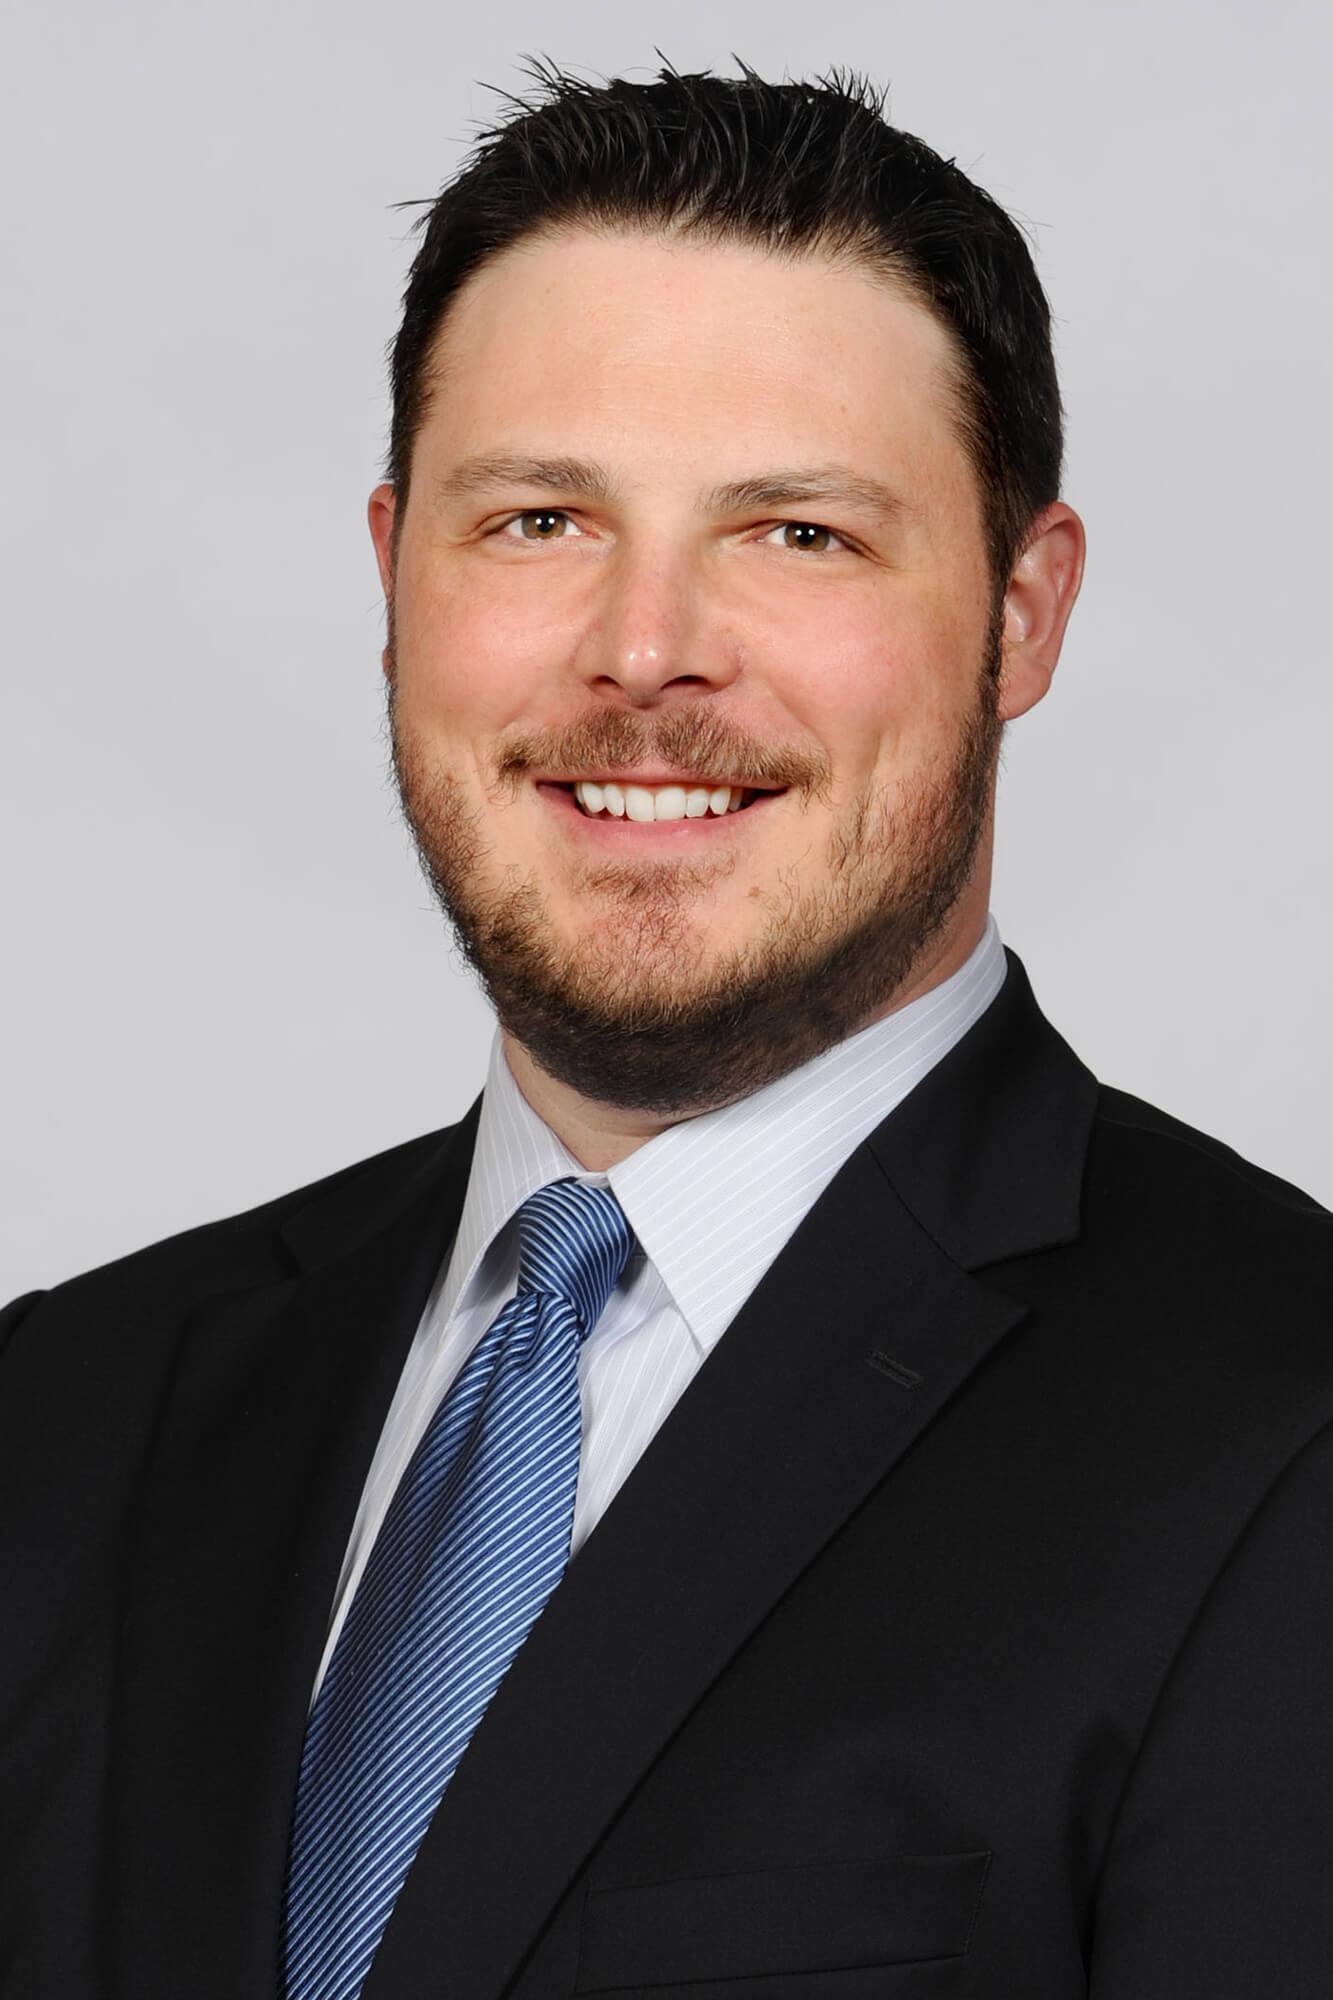 Matt Kusilek